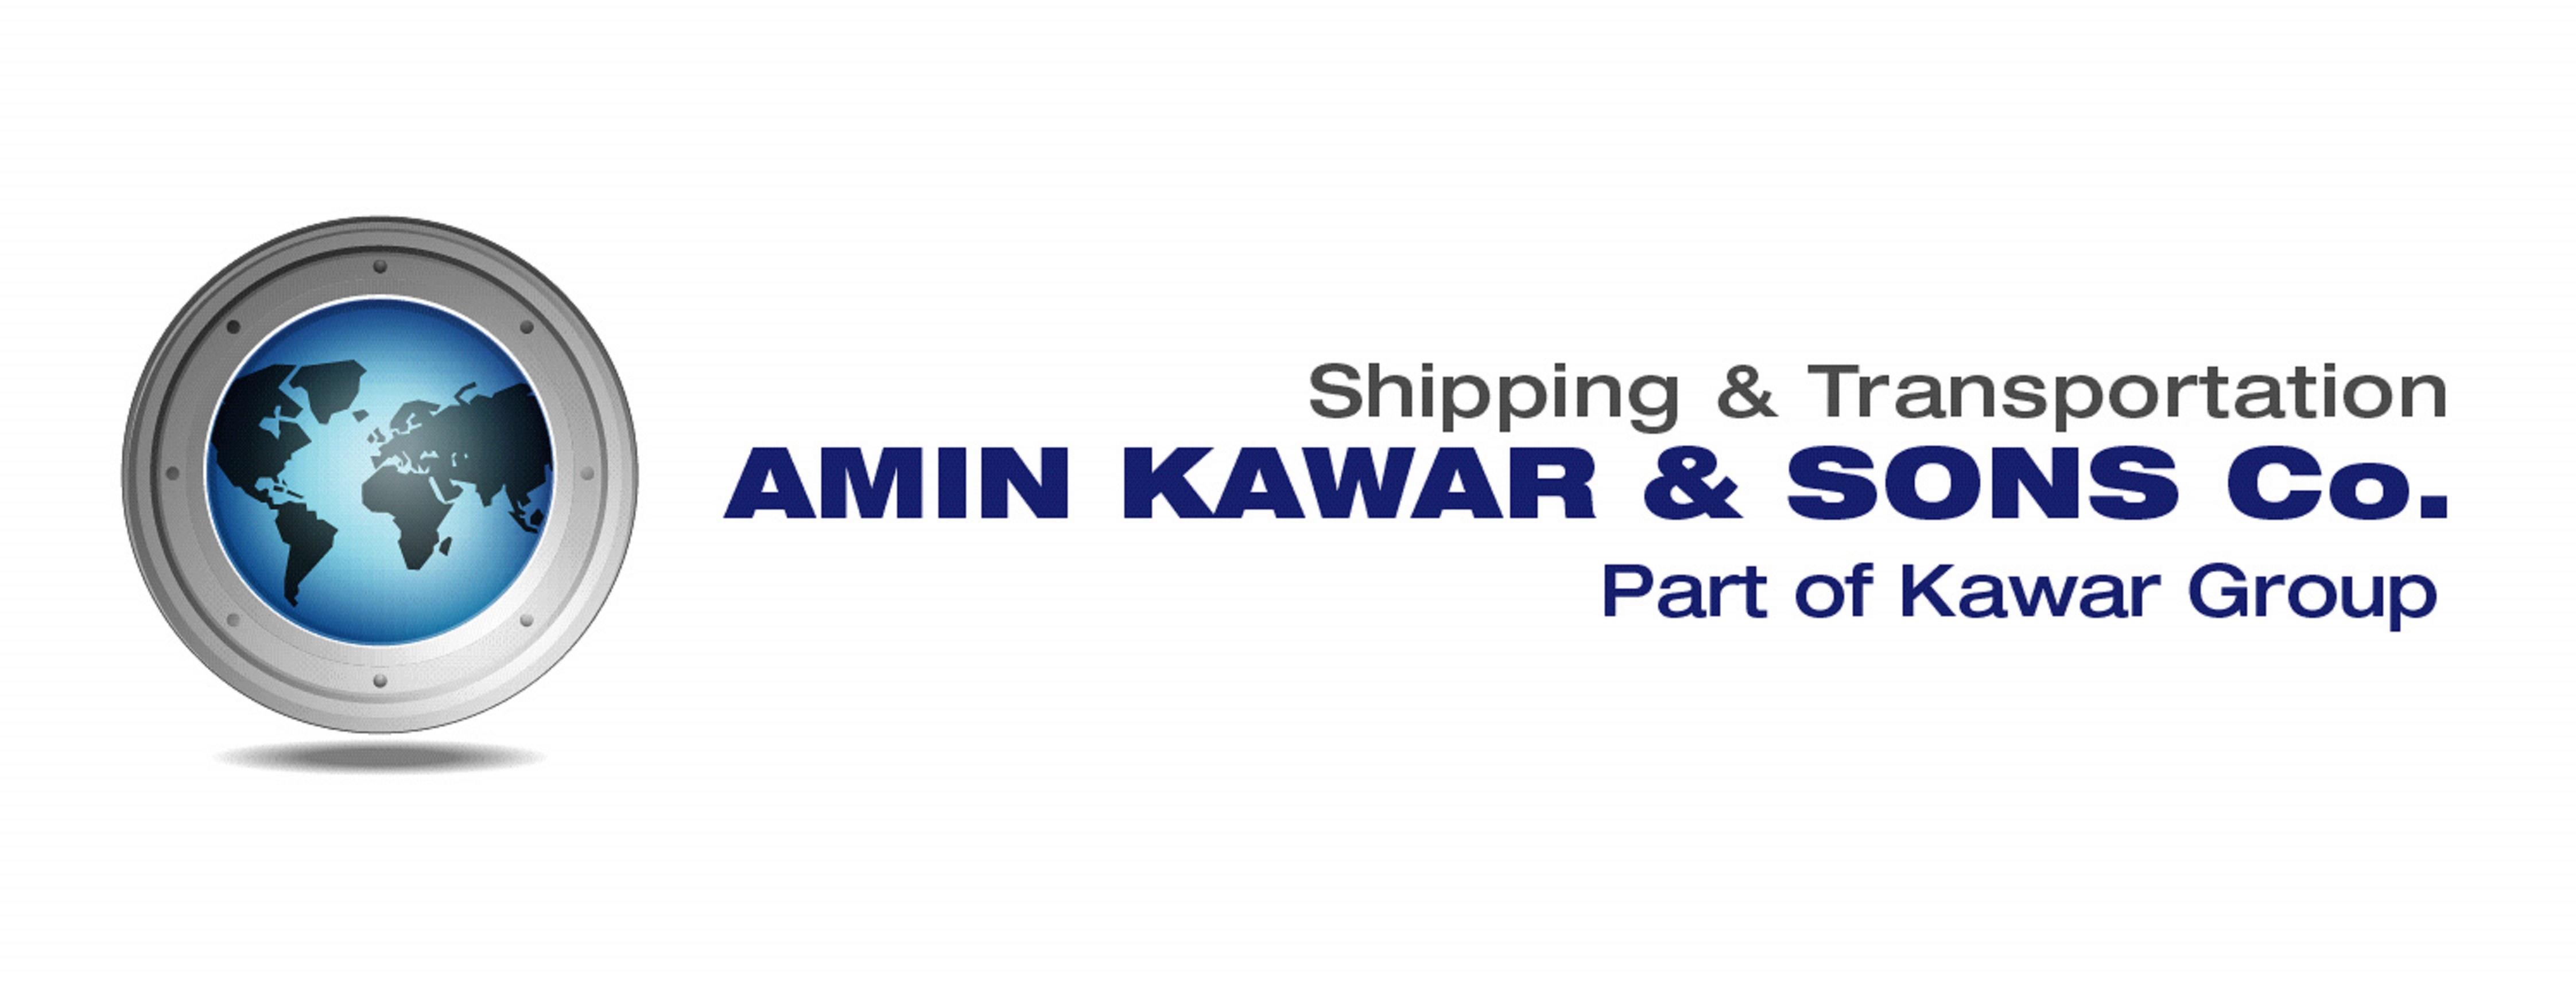 Amin Kawar And Sons Company W.L.L.